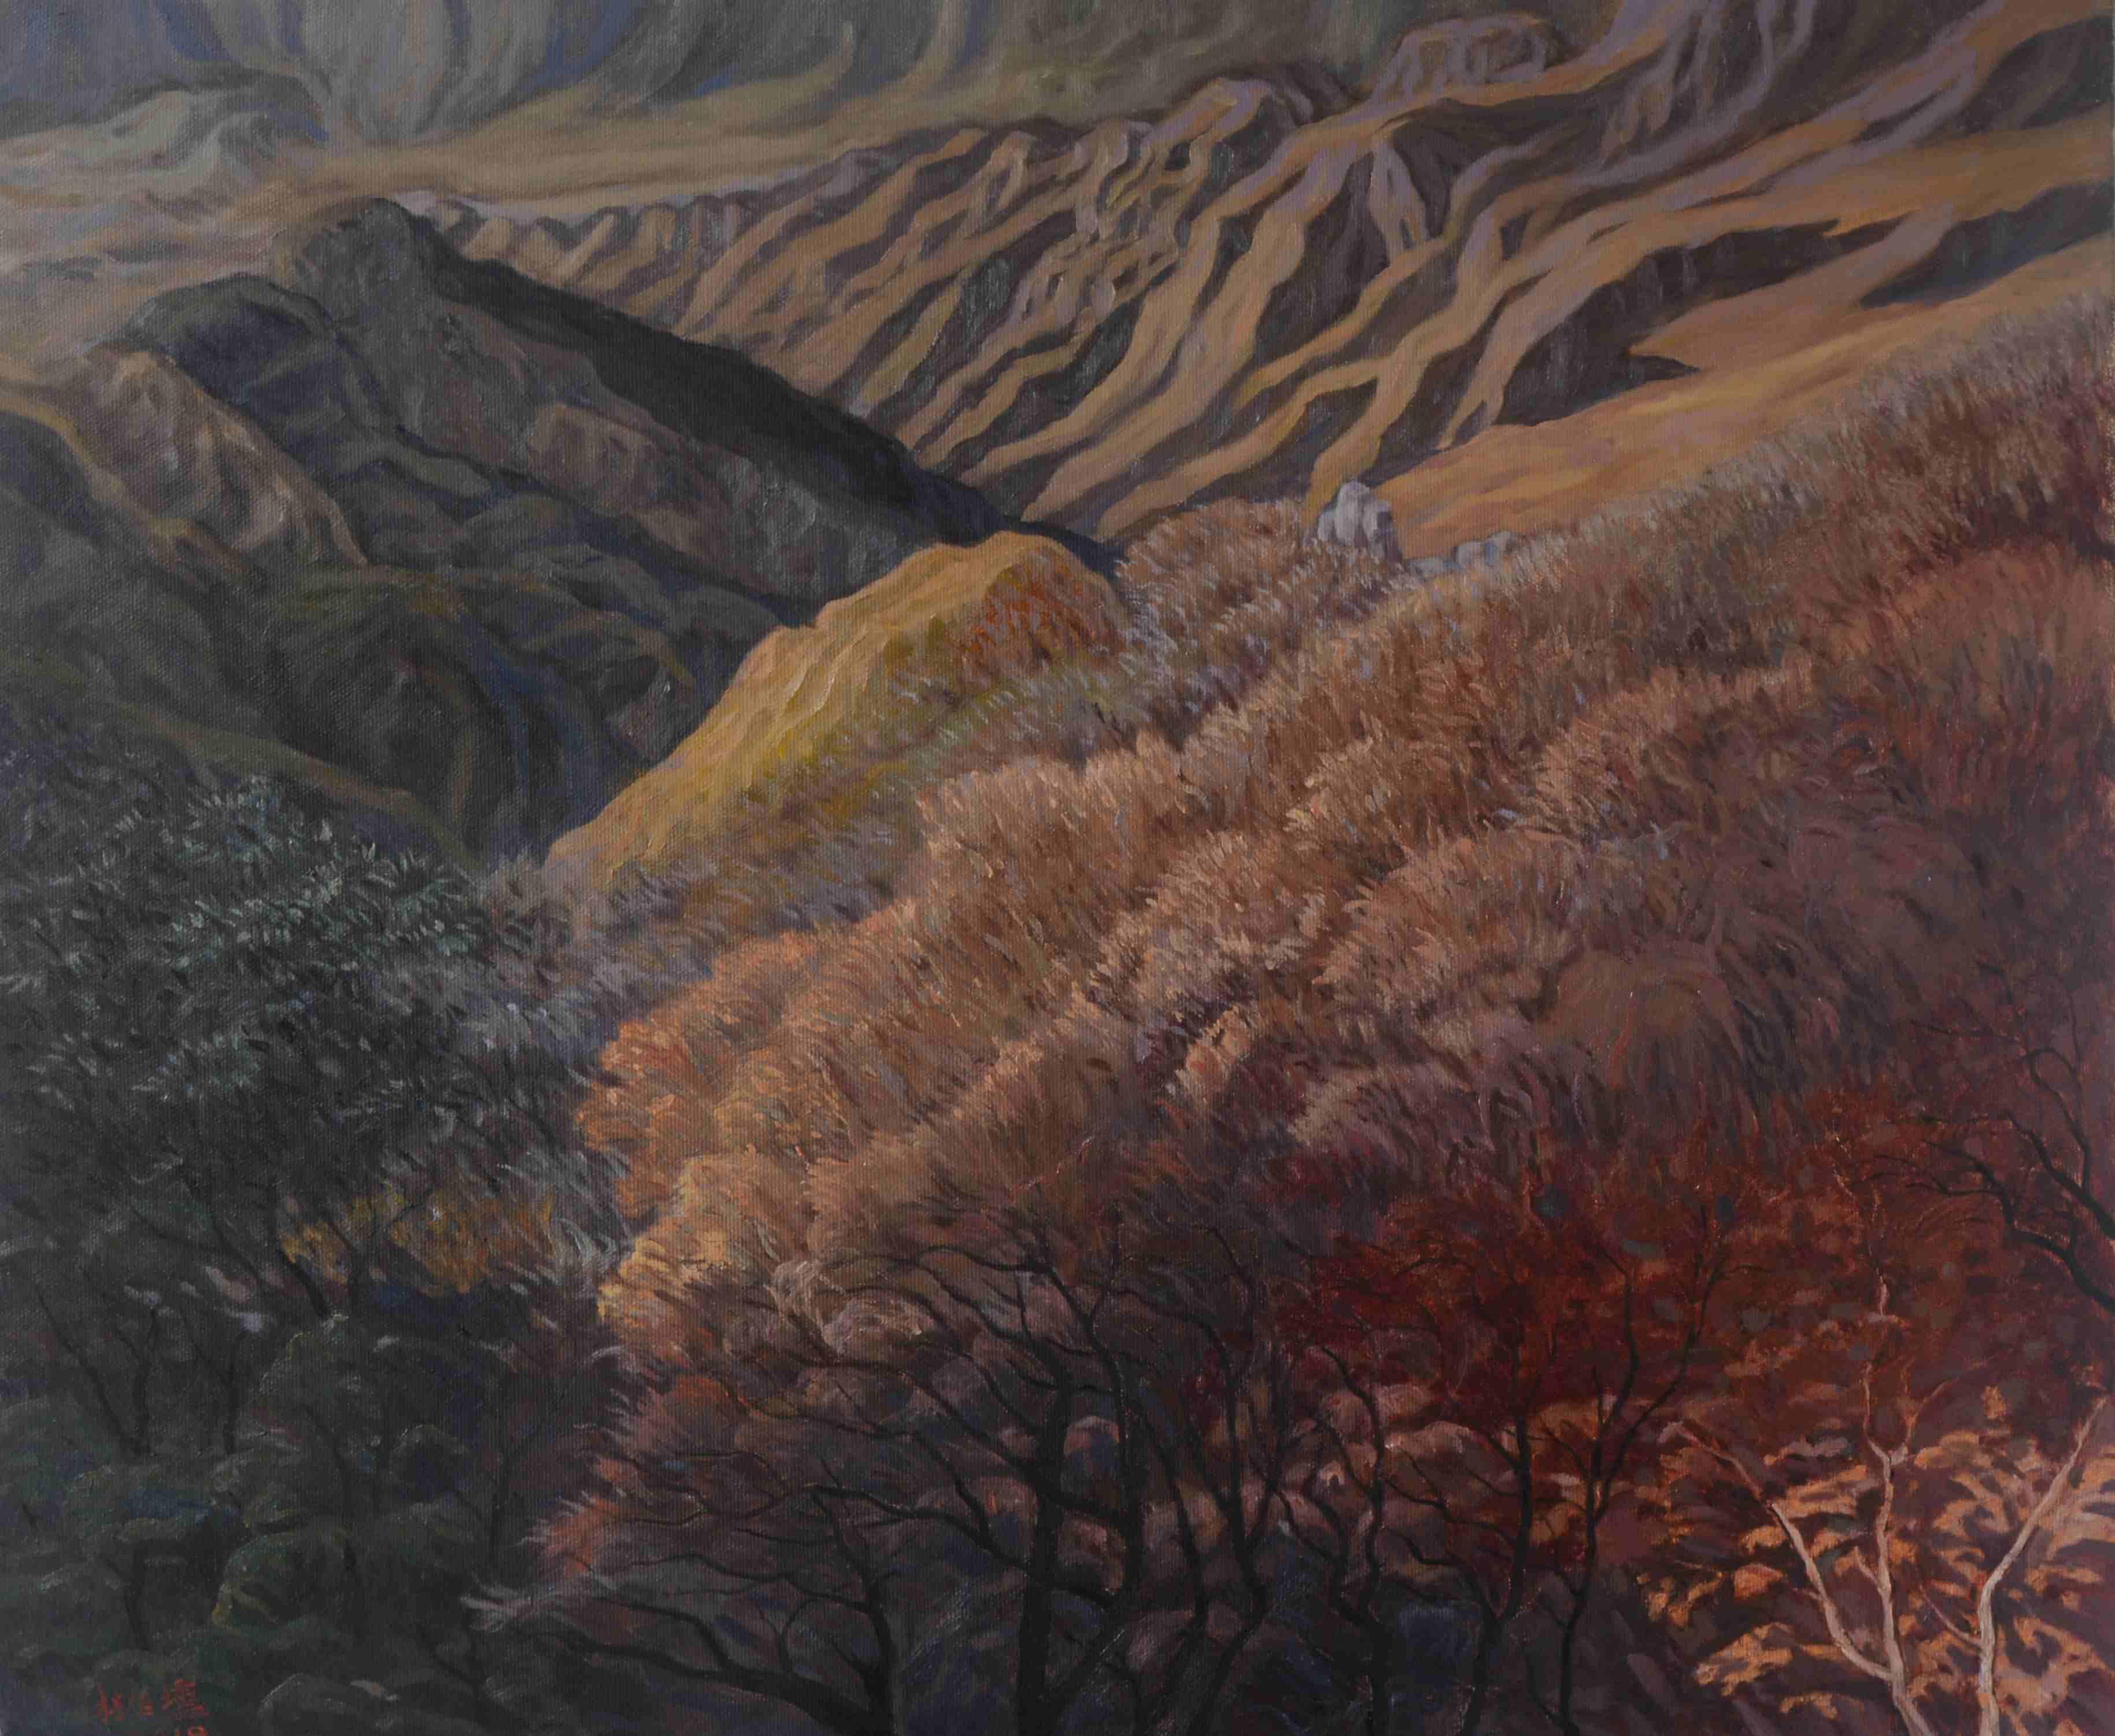 藝術家林伯壎、蔡旻芸接連開展 跨媒材表達環境新思維